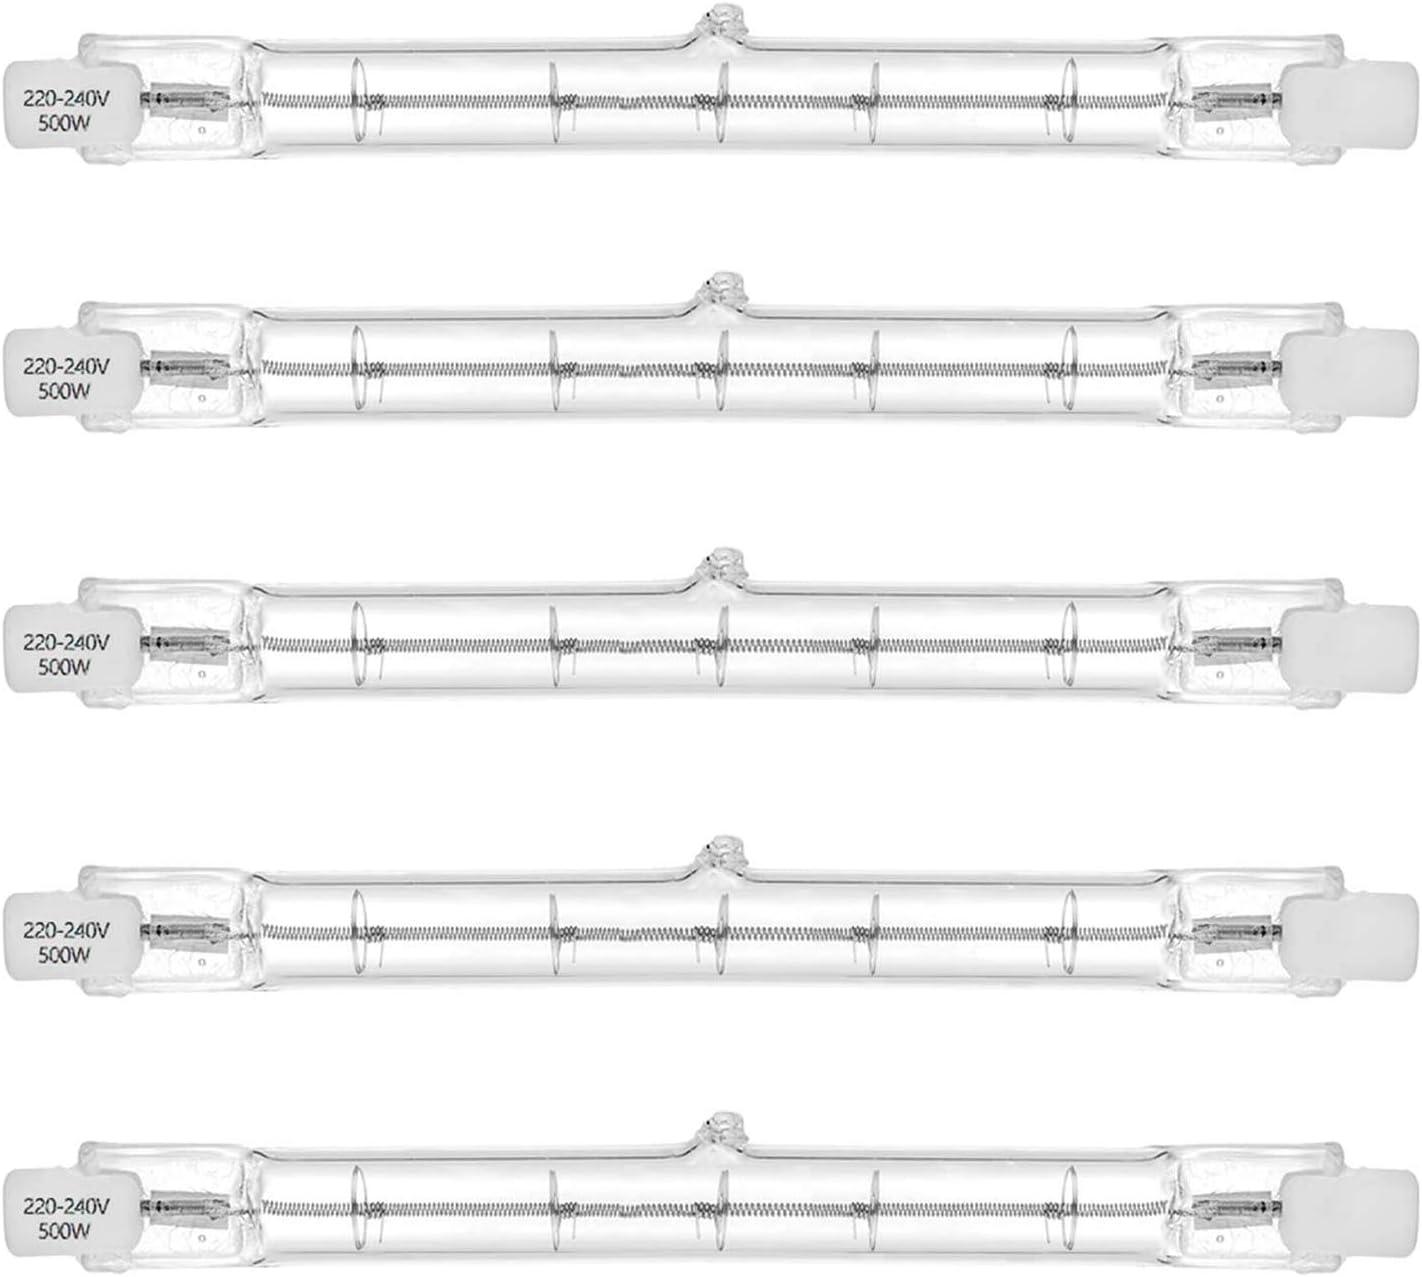 Proyector halógeno lineal R7s equivalente a 500 W 7750lm 2700K J118 Bombilla de luz de seguridad Lámpara R7s 118 mm de longitud, regulable, paquete de 5